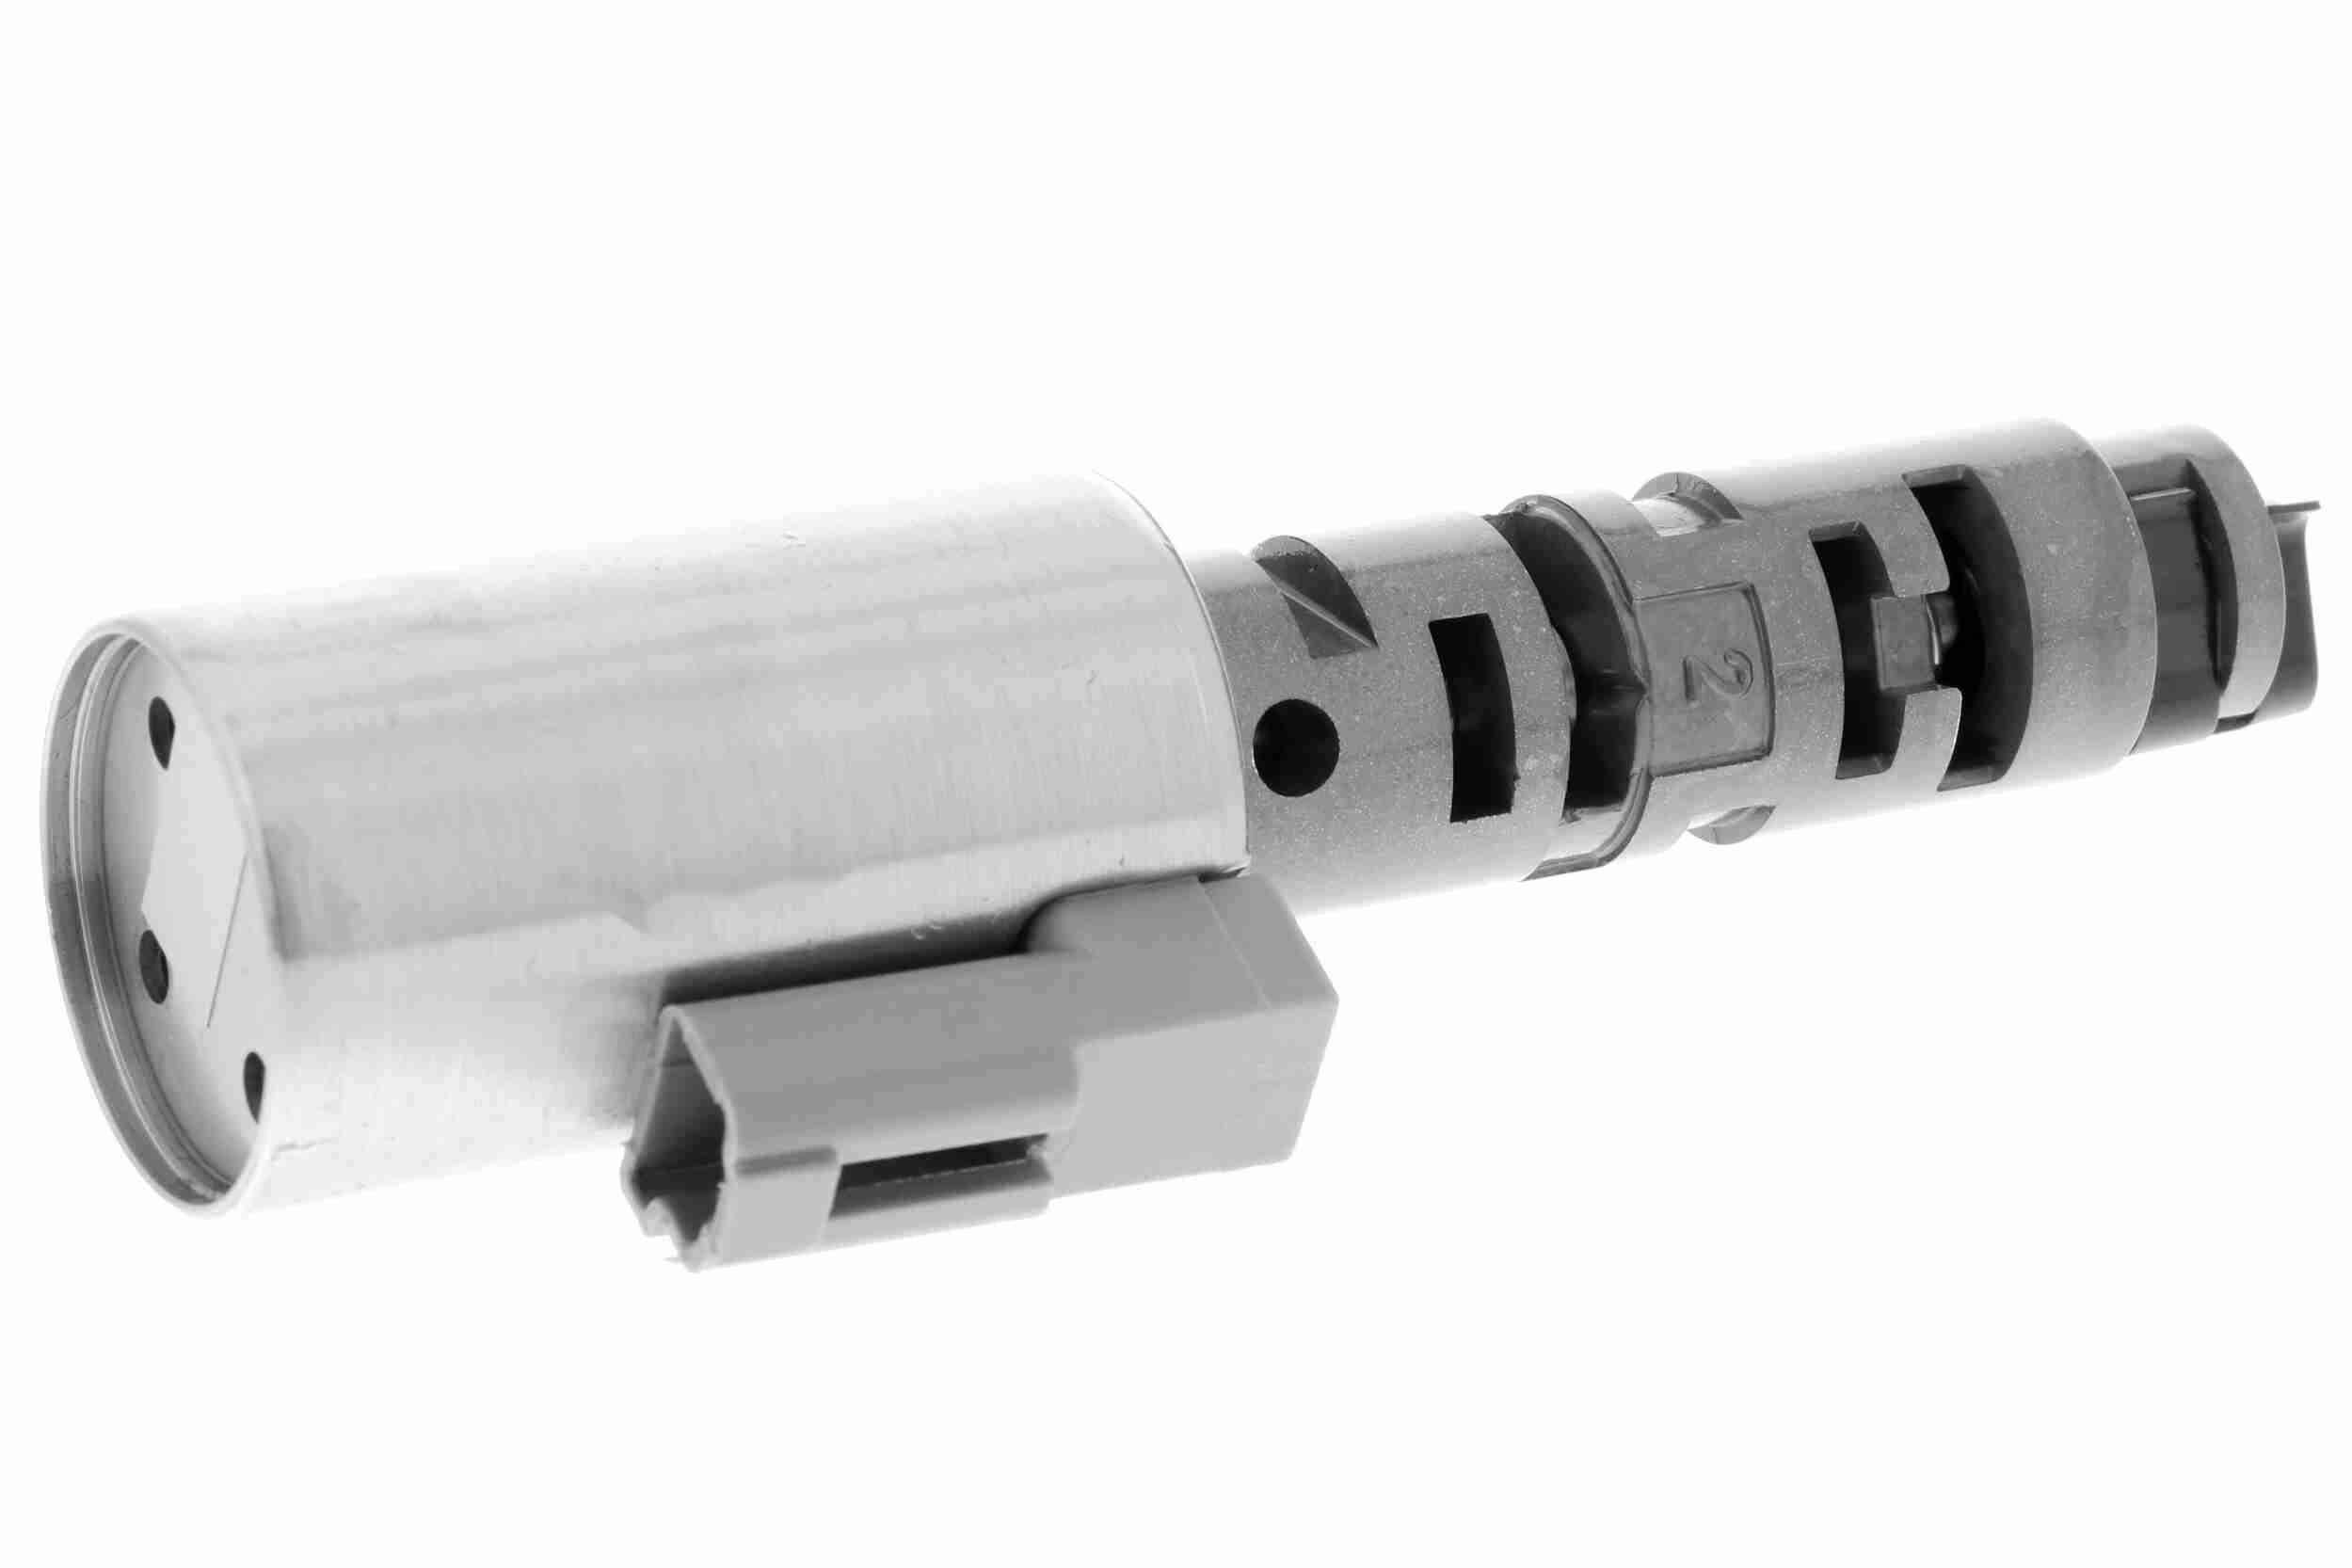 LANCIA KAPPA Schaltventil, Automatikgetriebe - Original ACKOJA A70-77-2001